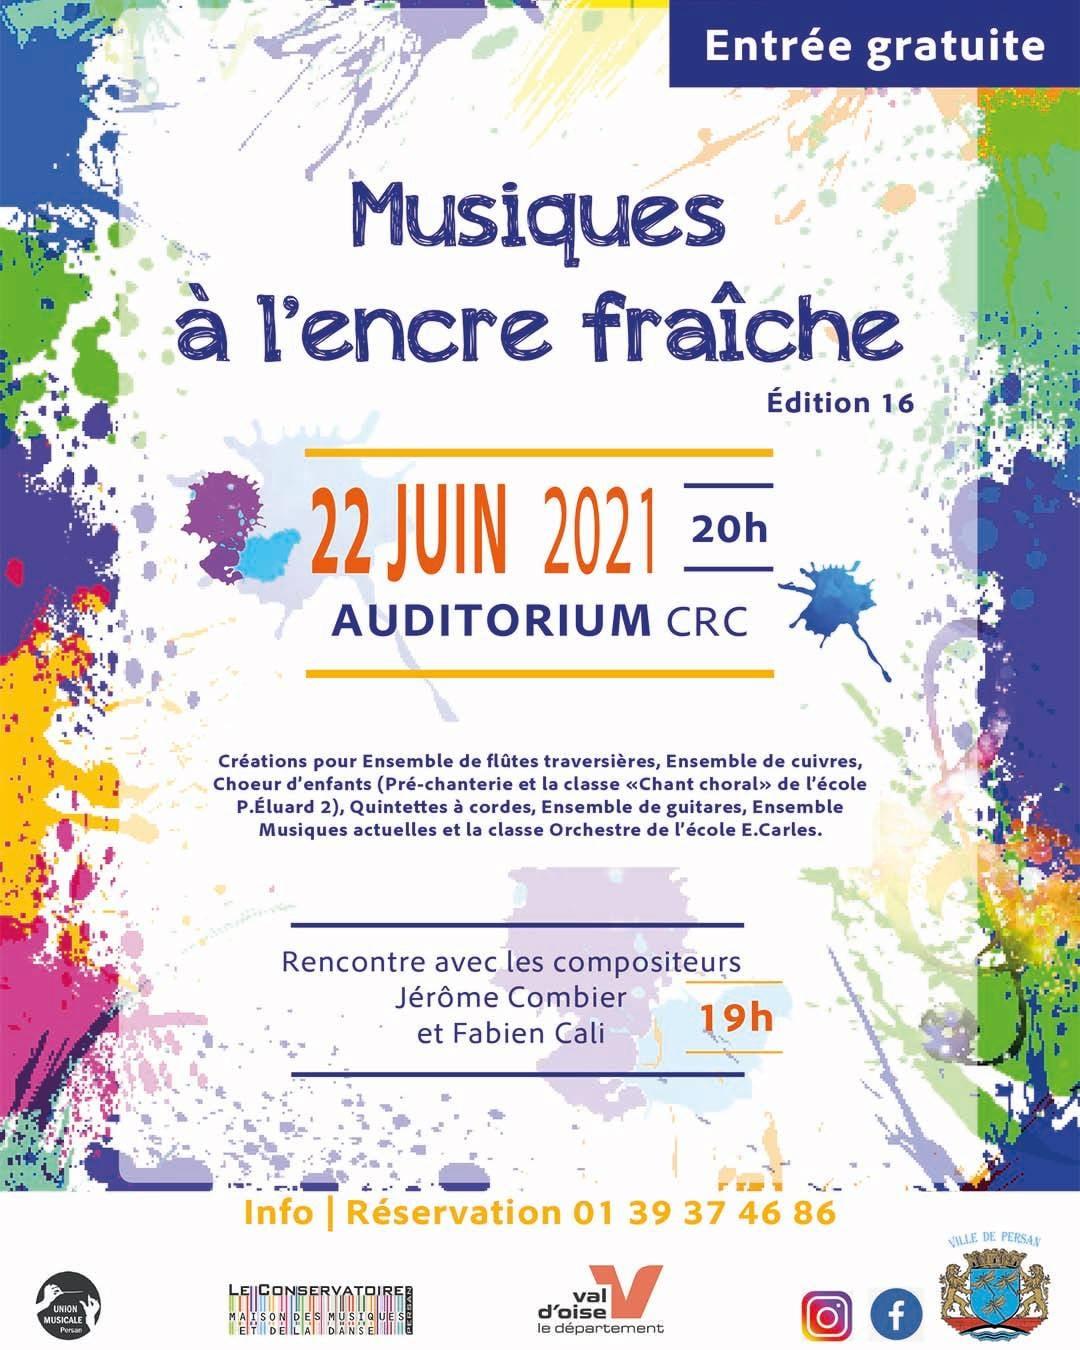 Musiques à L'Encre Fraîche 16ème édition - Mardi 22 Juin 2021